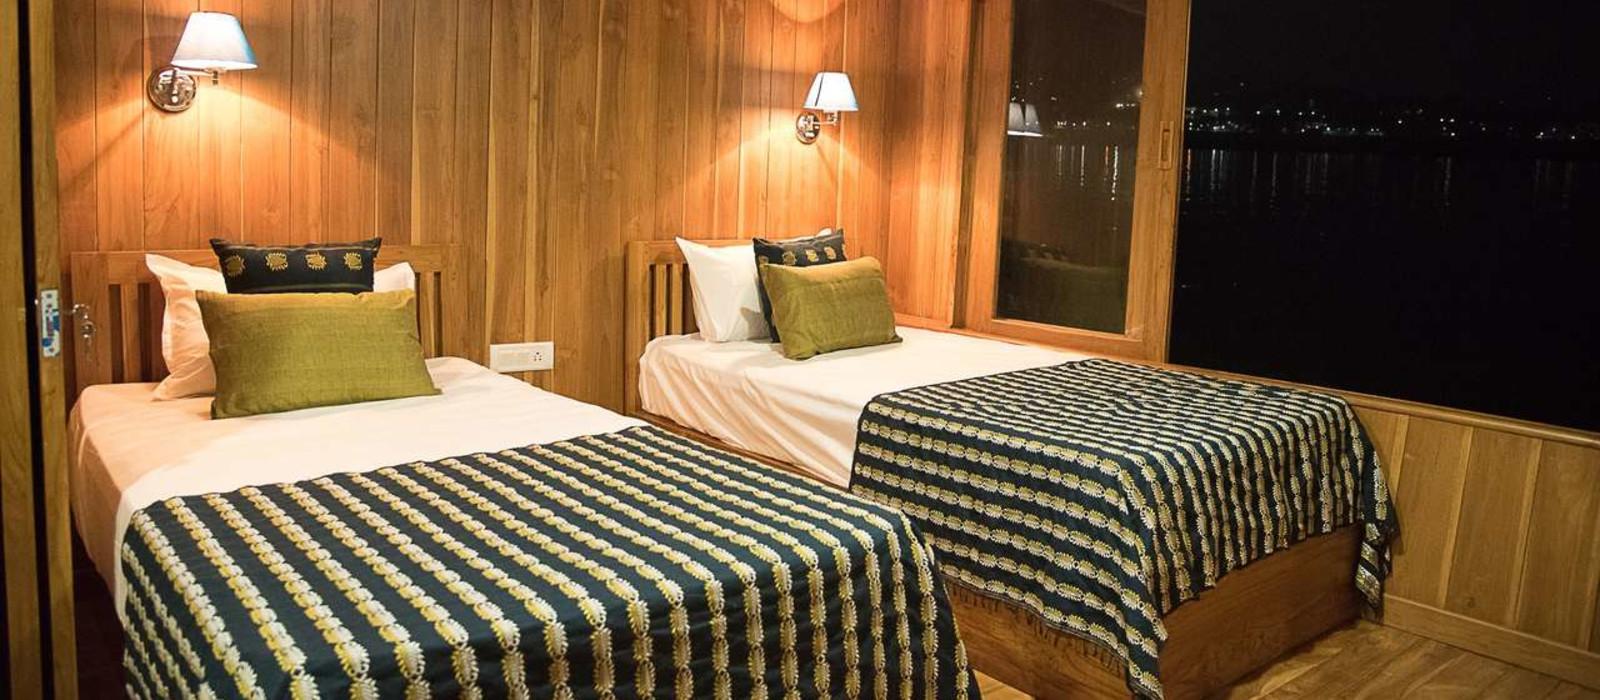 Hotel MV Rudra Singha East India